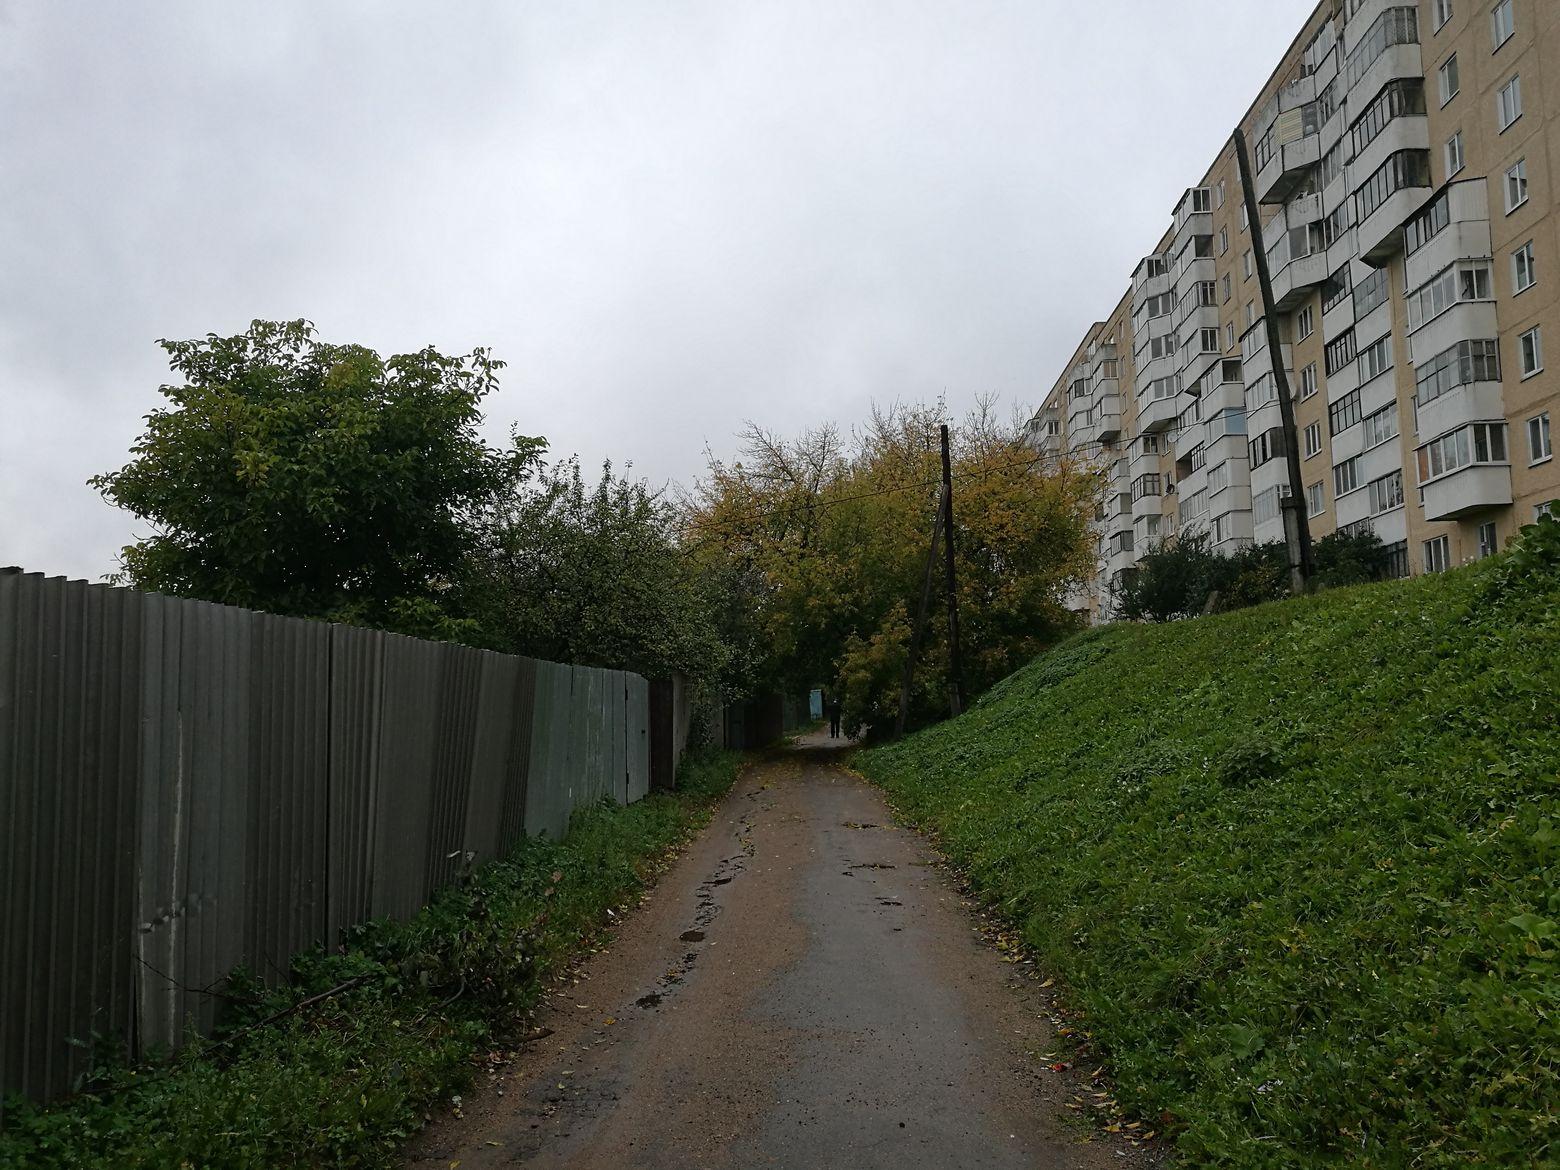 Через серо-зеленый диаметр. Спальные районы Минска